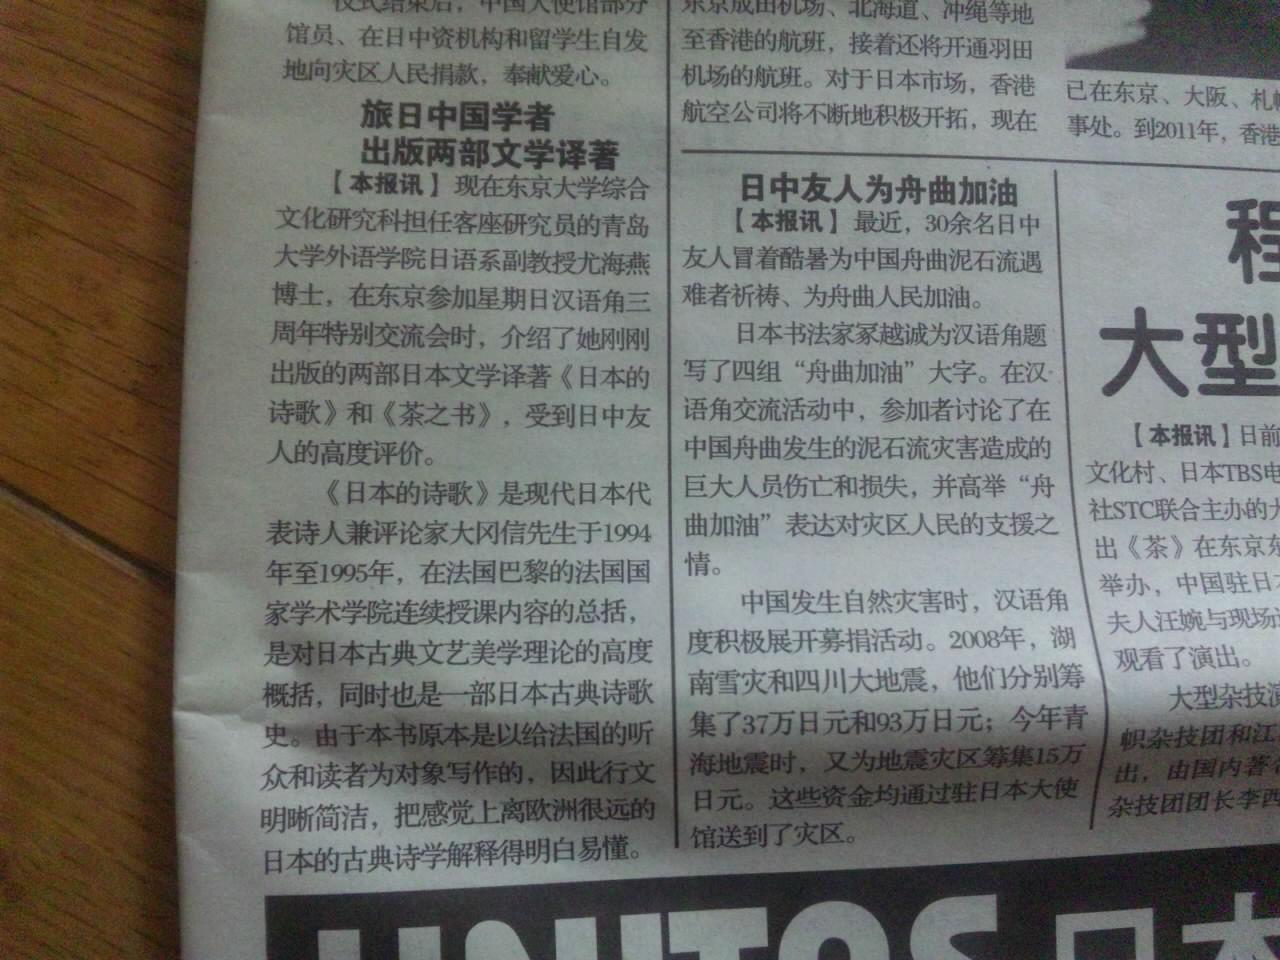 華風新聞に日本僑報提供記事二本掲載_d0027795_14284310.jpg